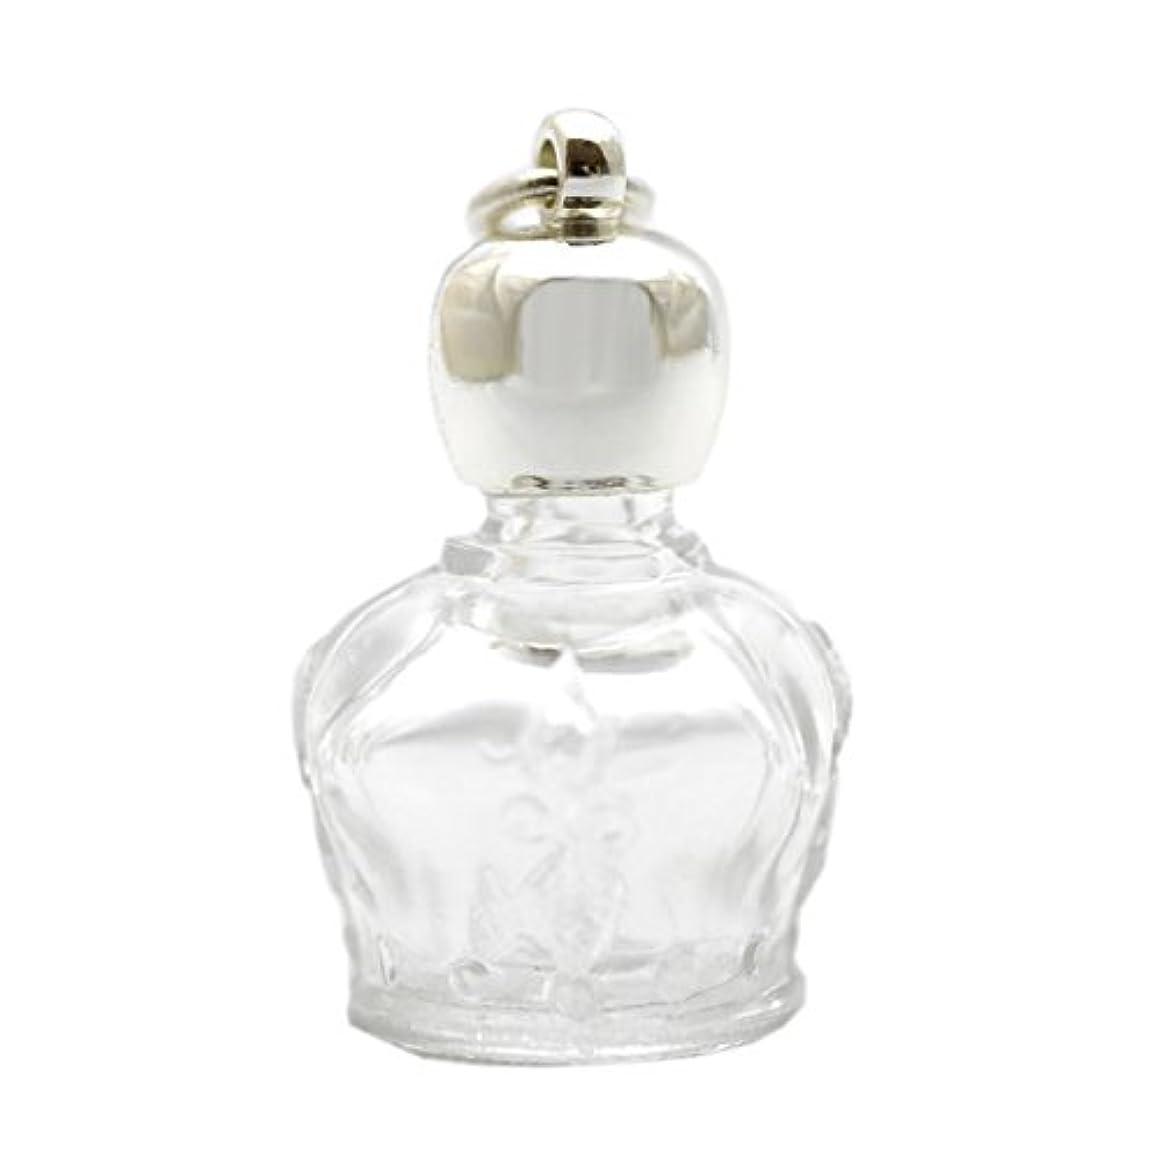 発送ひも目立つミニ香水瓶 アロマペンダントトップ 王冠型(透明)1ml?シルバー?穴あきキャップ、パッキン付属